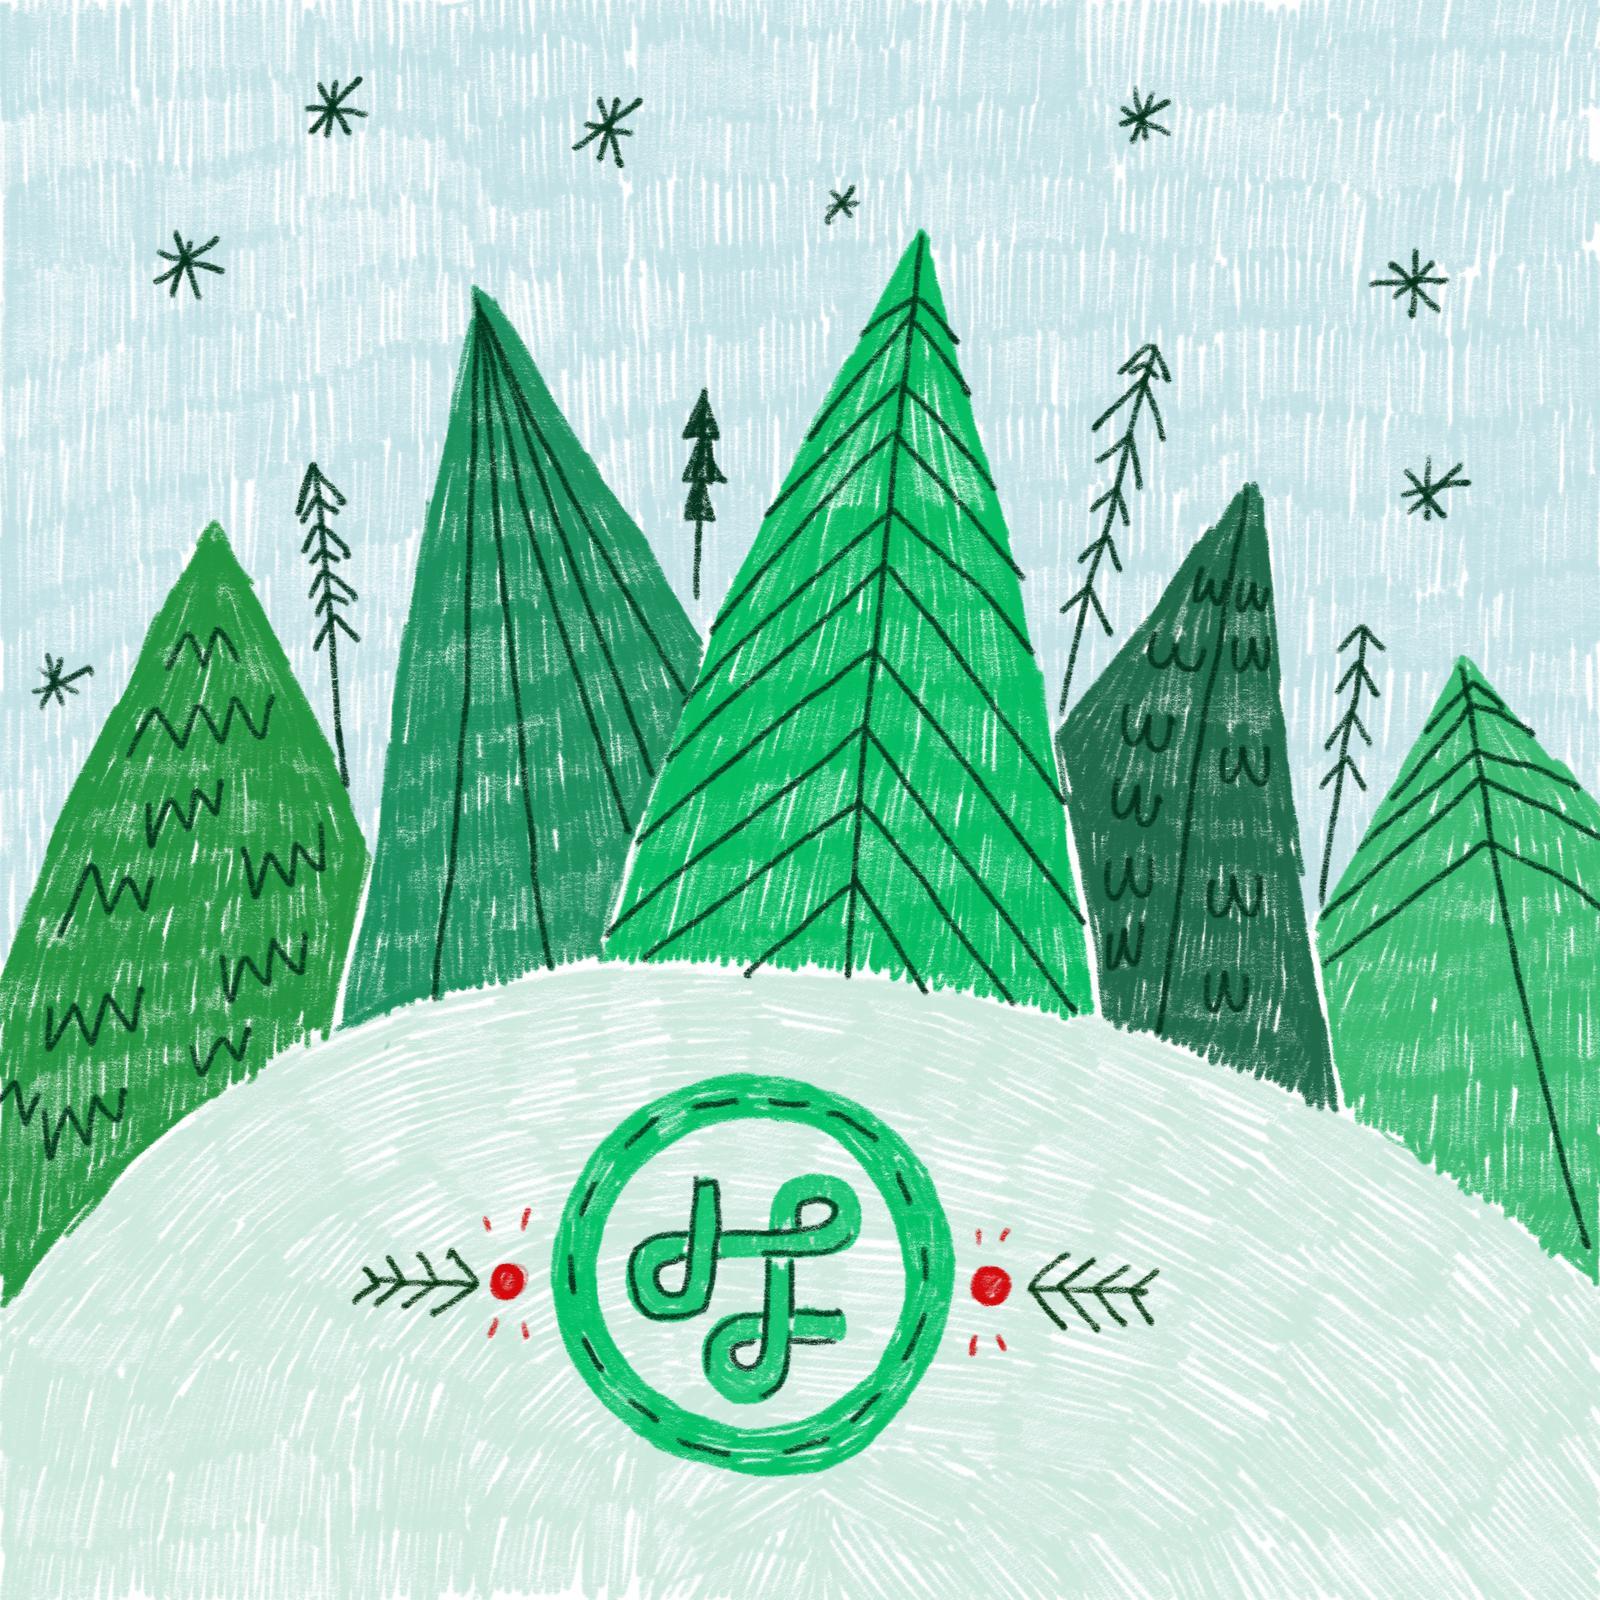 Hängengeblieben 2016 Weihnachtskarte